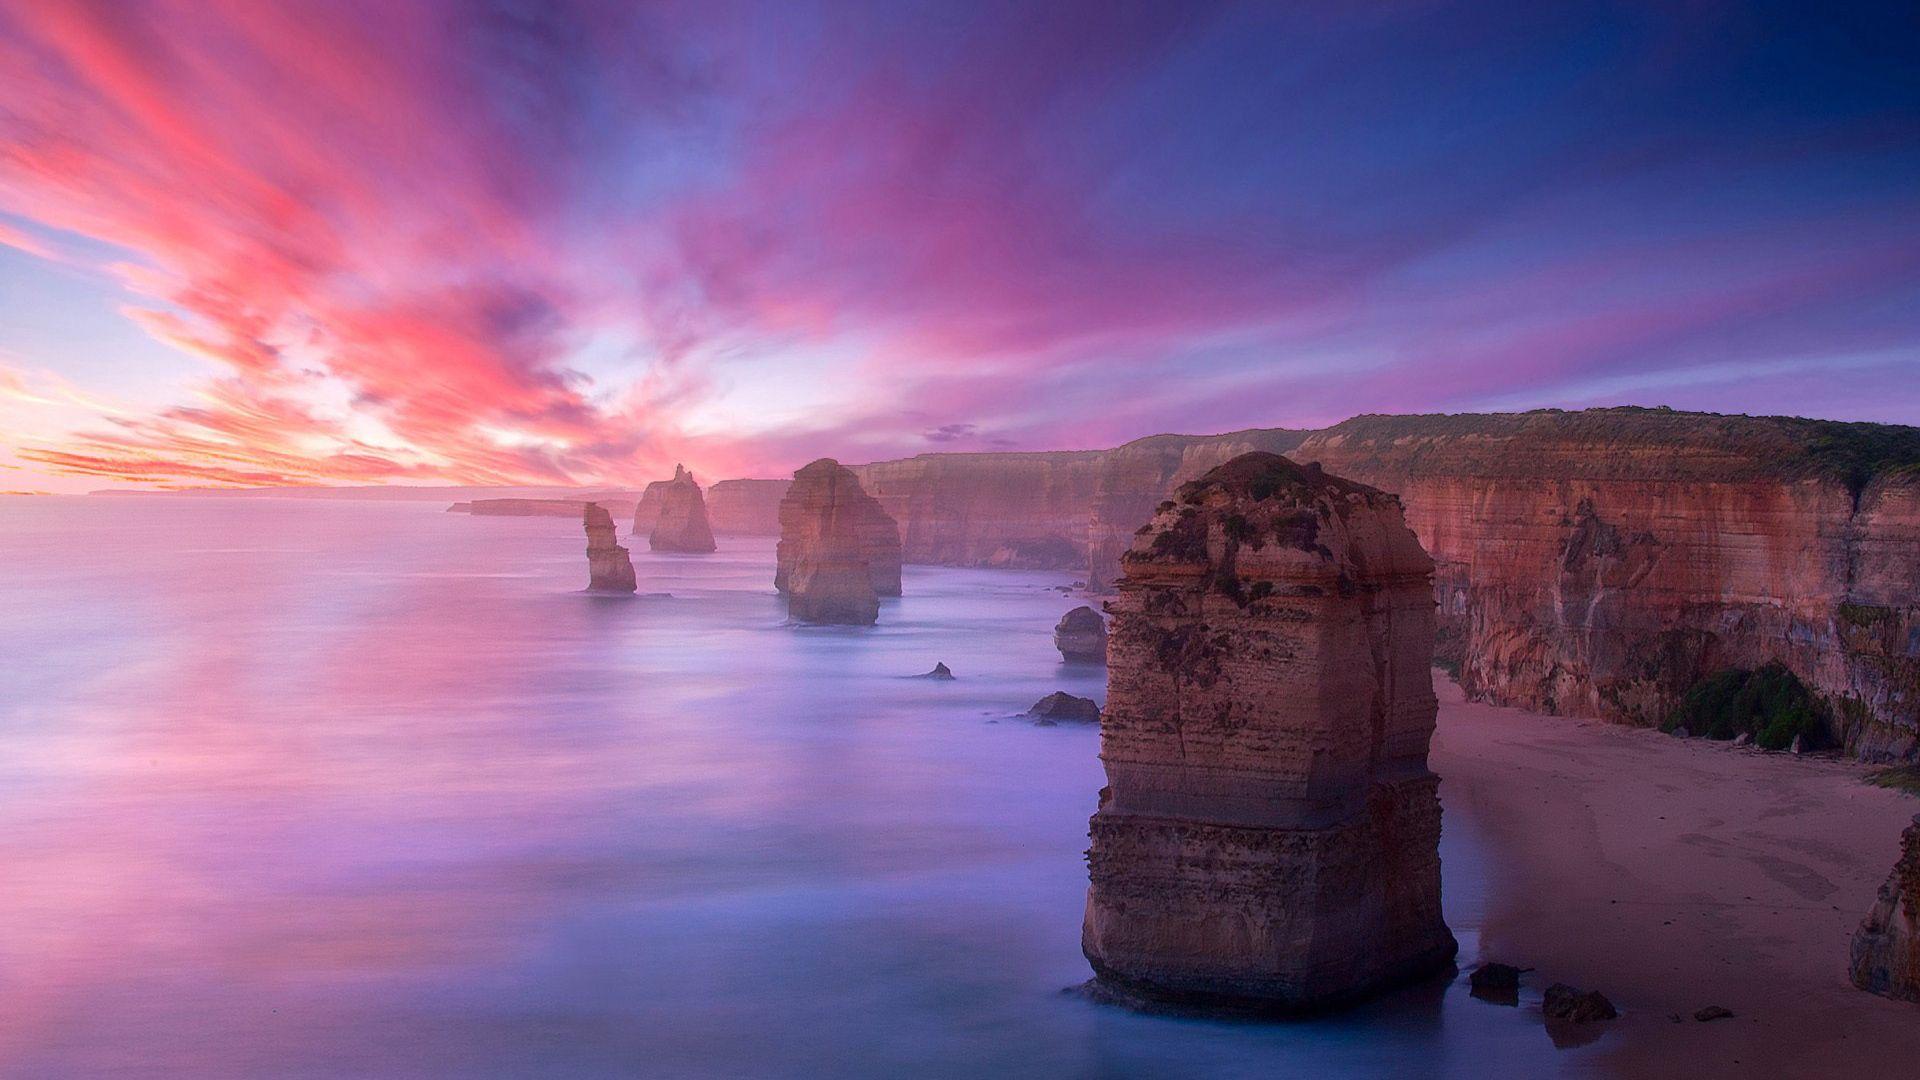 Peaceful Wallpapers Free For Desktop Wallpaper 1920 x 1080 px 623.08 KB mind calming meditation beach zen relaxing garden